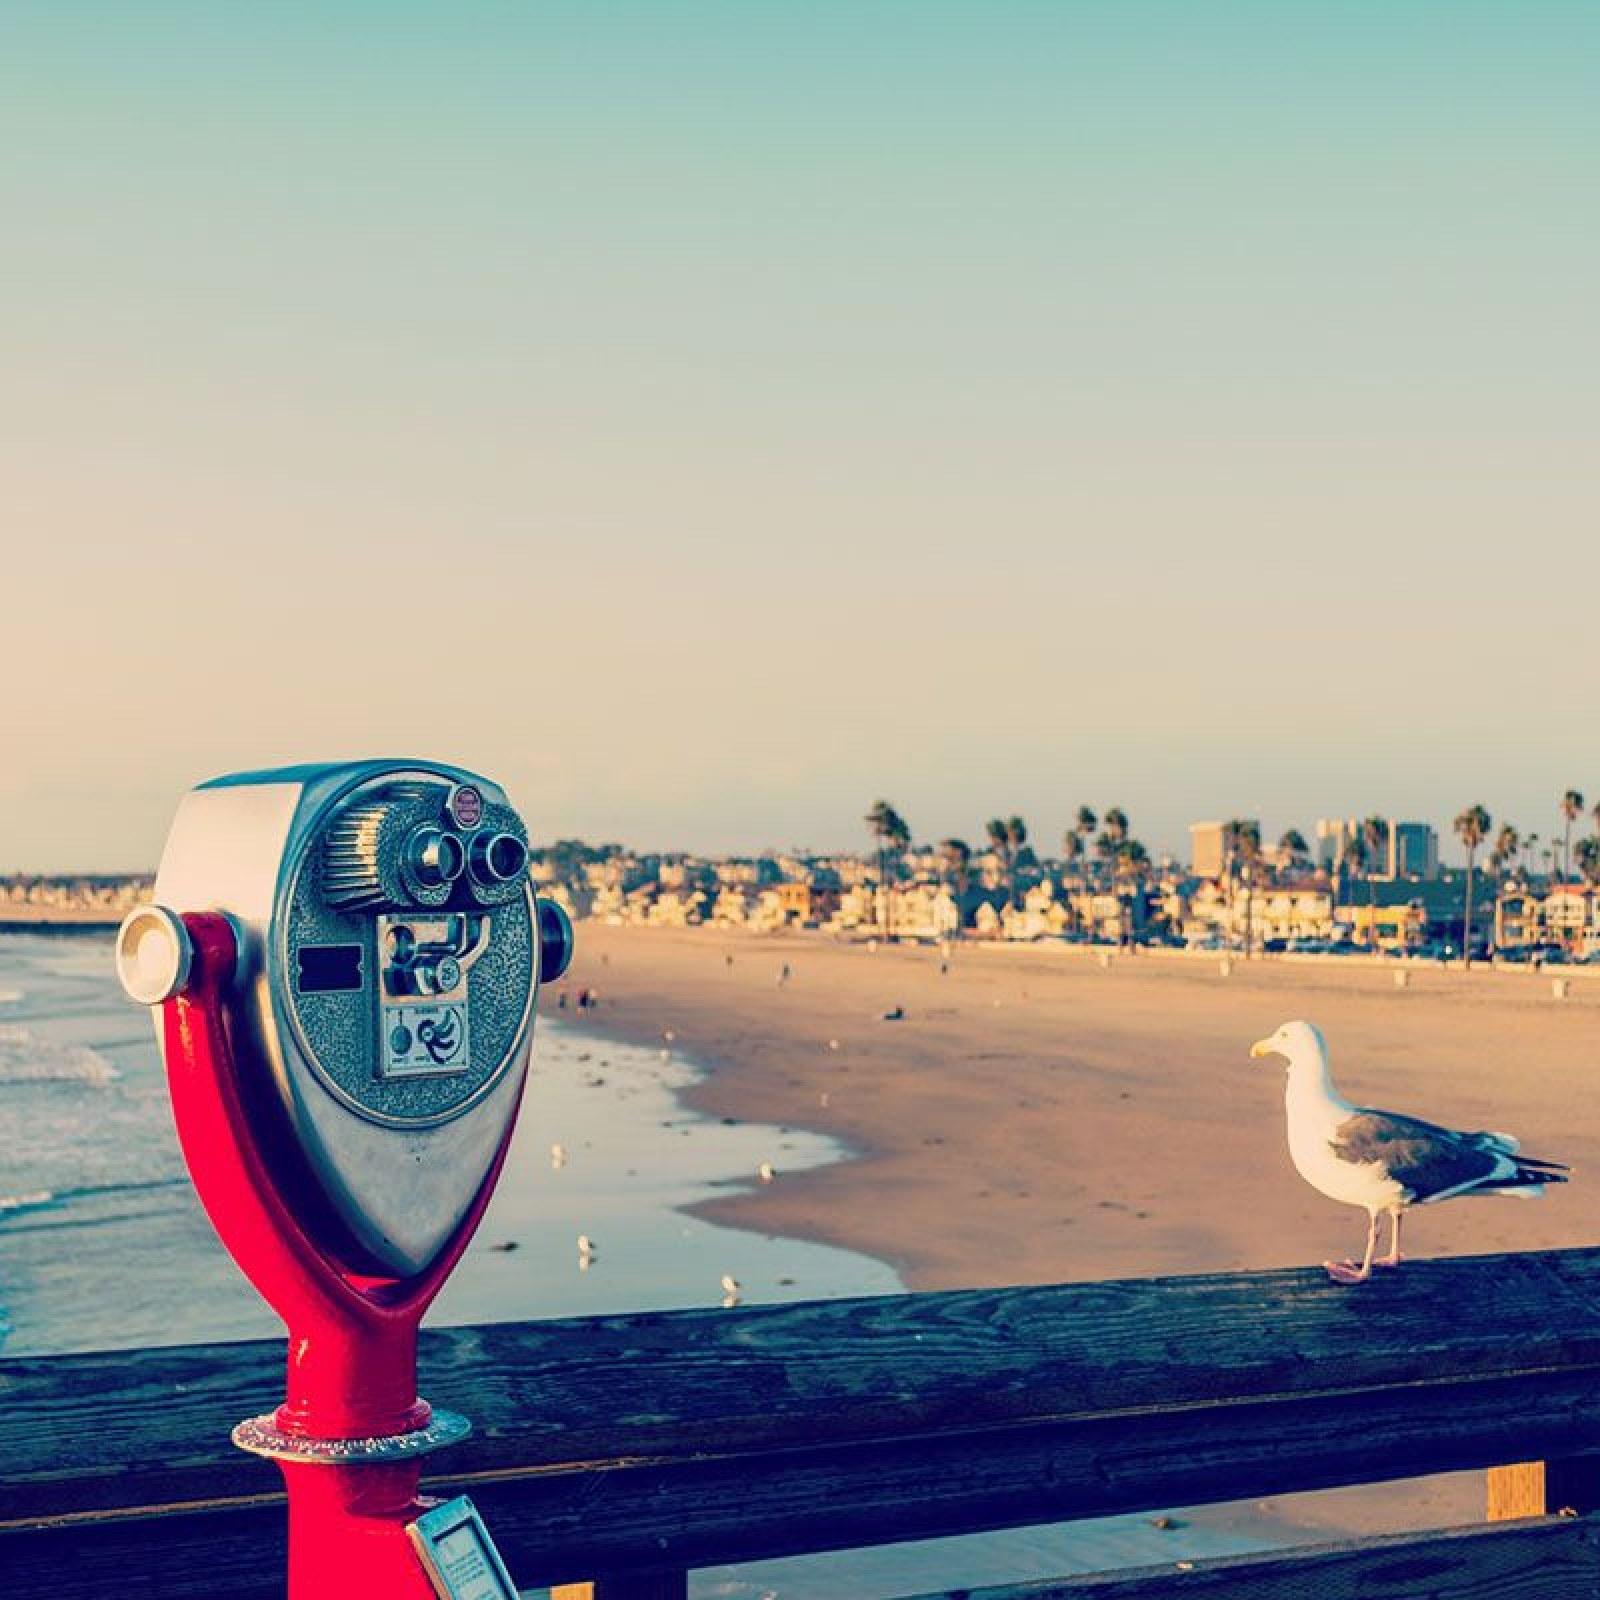 Ranked: 25 Best Beaches in the U S  According to TripAdvisor